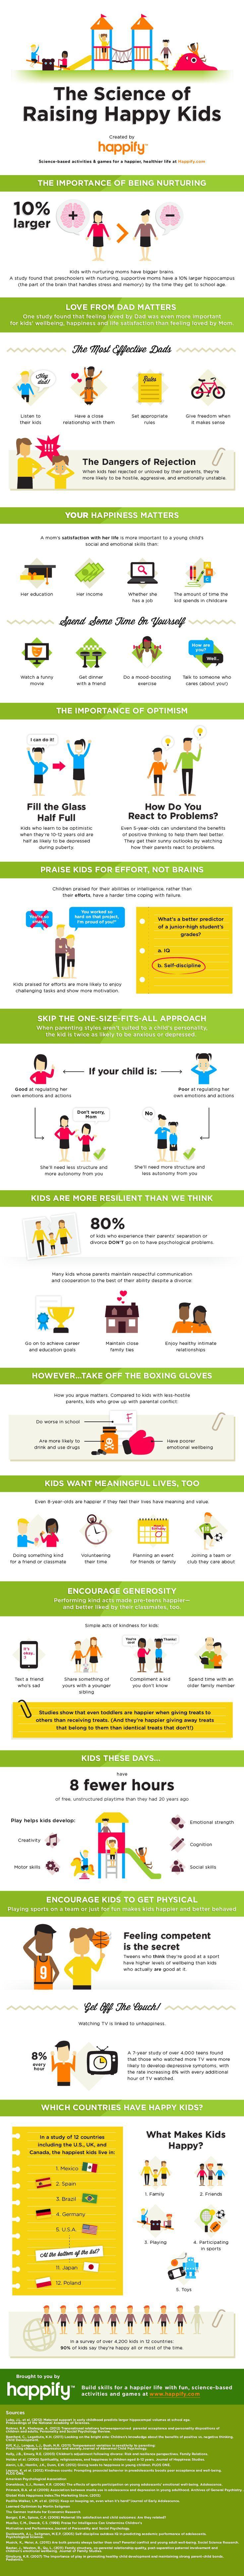 10 secrets pour élever des enfants heureux (infographie) - via le blog de PediAct, spécialiste en pédiatrie